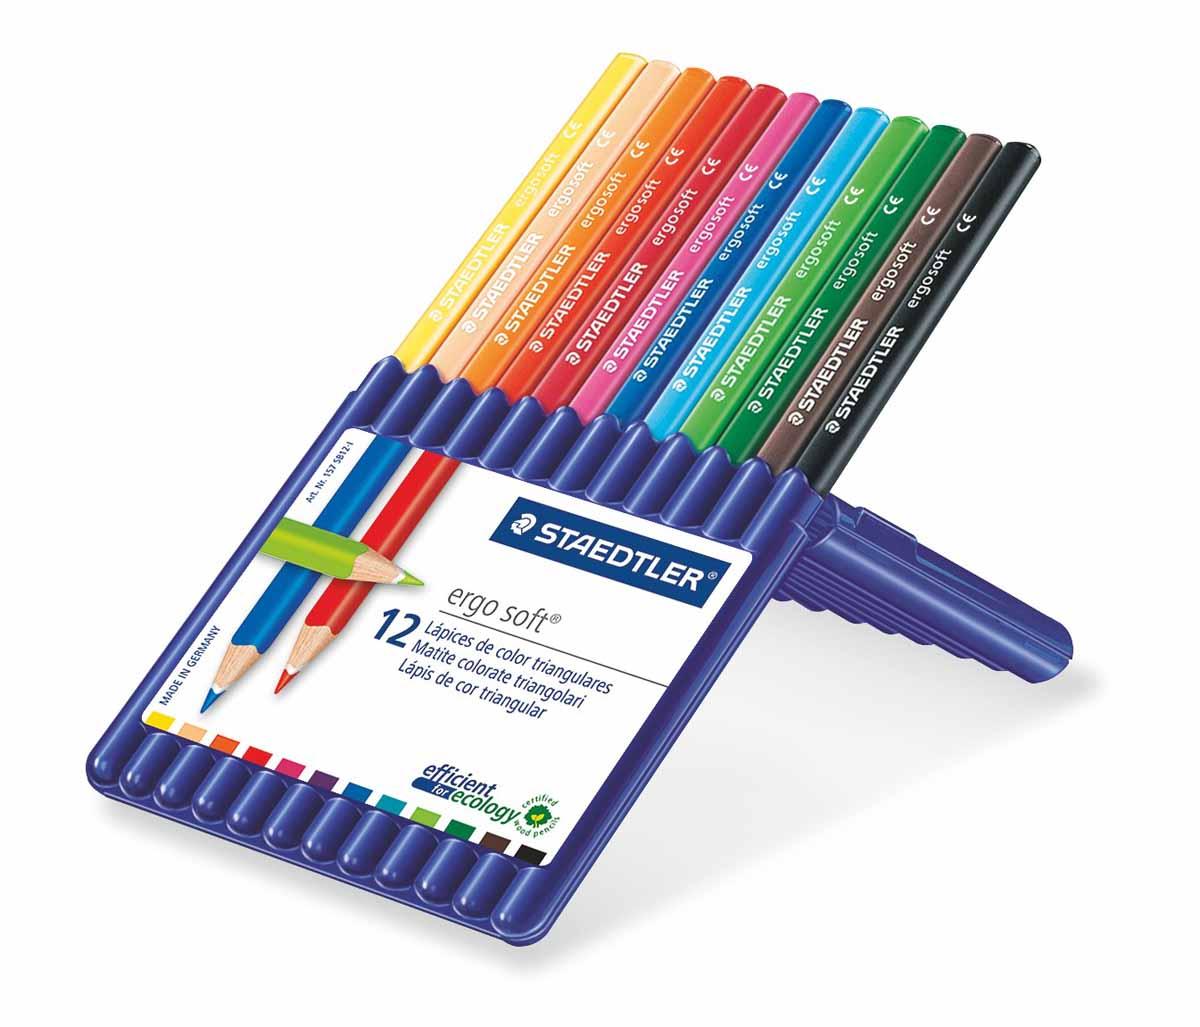 Staedtler Набор цветных карандашей Ergosoft 12 цветов157SB1210Набор цветных карандашей трехгранной формы для удобного и легкого письма, Staedtler. Содержит 12 цветов в ассортименте. Карандаши упакованы в пластиковый футляр, который легко превращается в удобную настольную подставку. Широкий выбор возможностей для рисования.